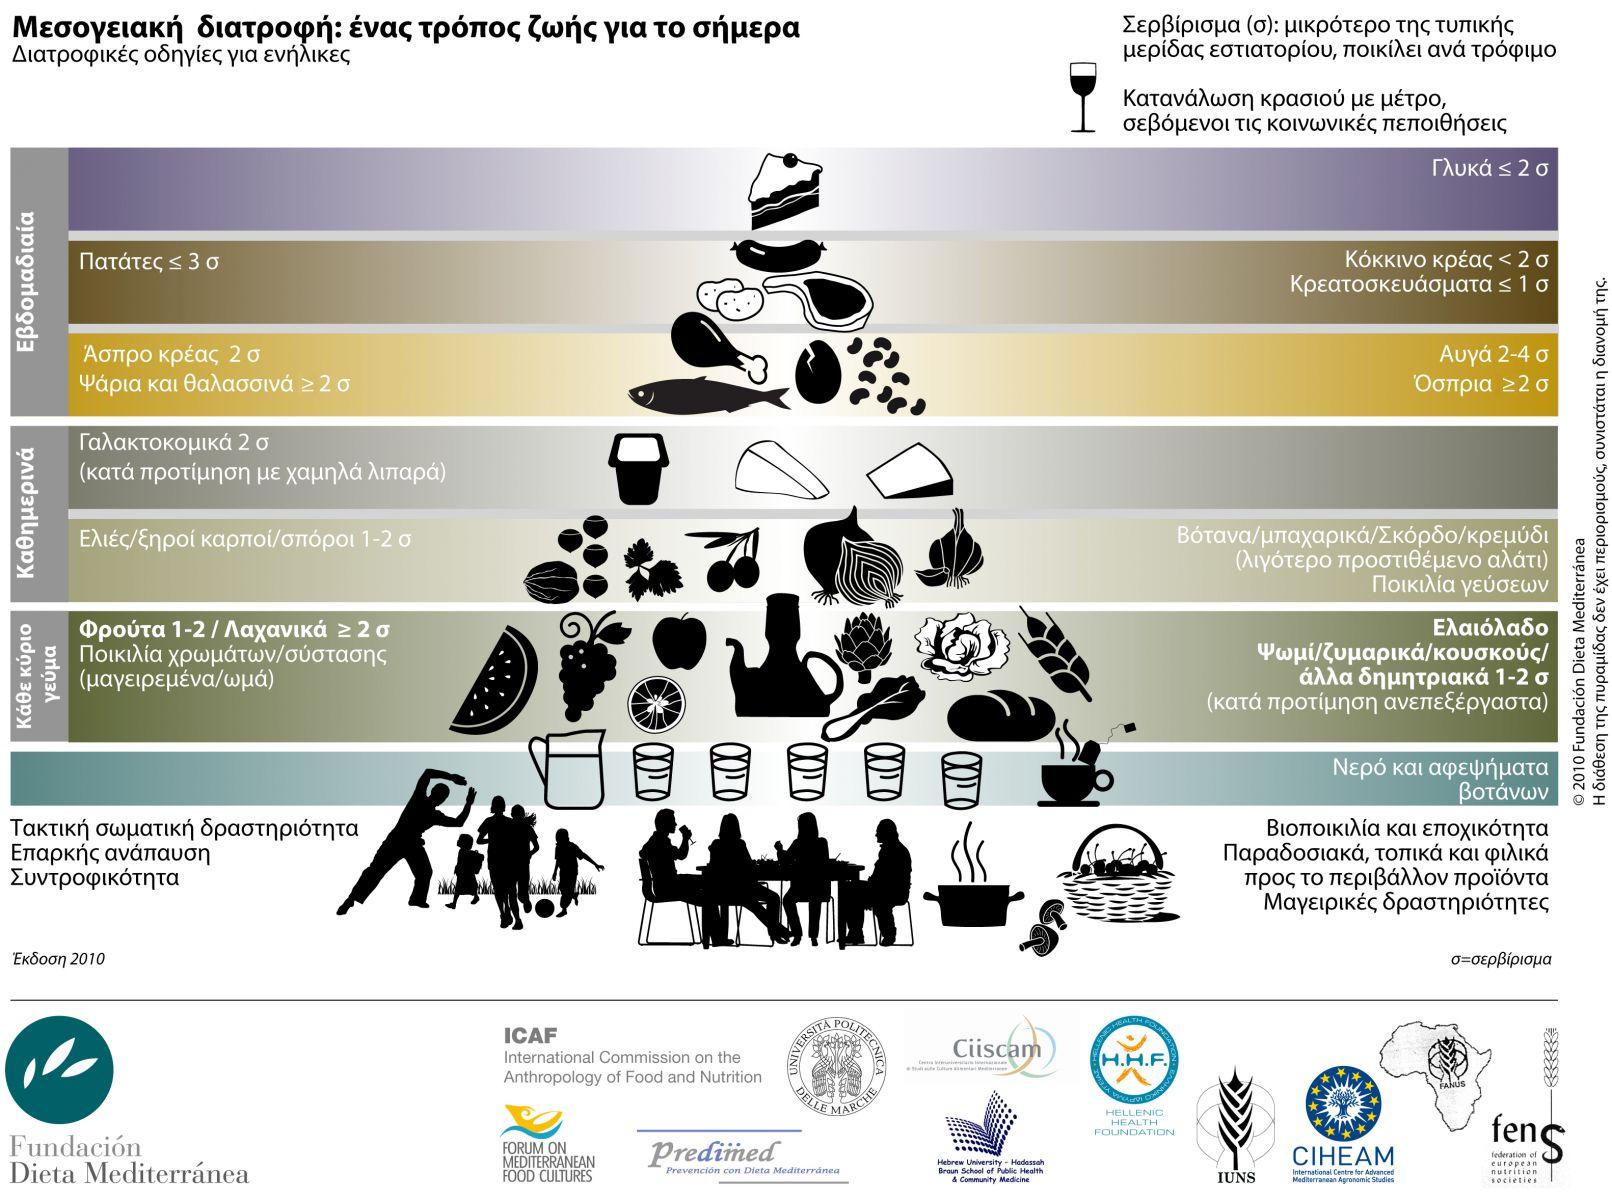 Η Νέα Πυραμίδα Μεσογειακής Διατροφής.